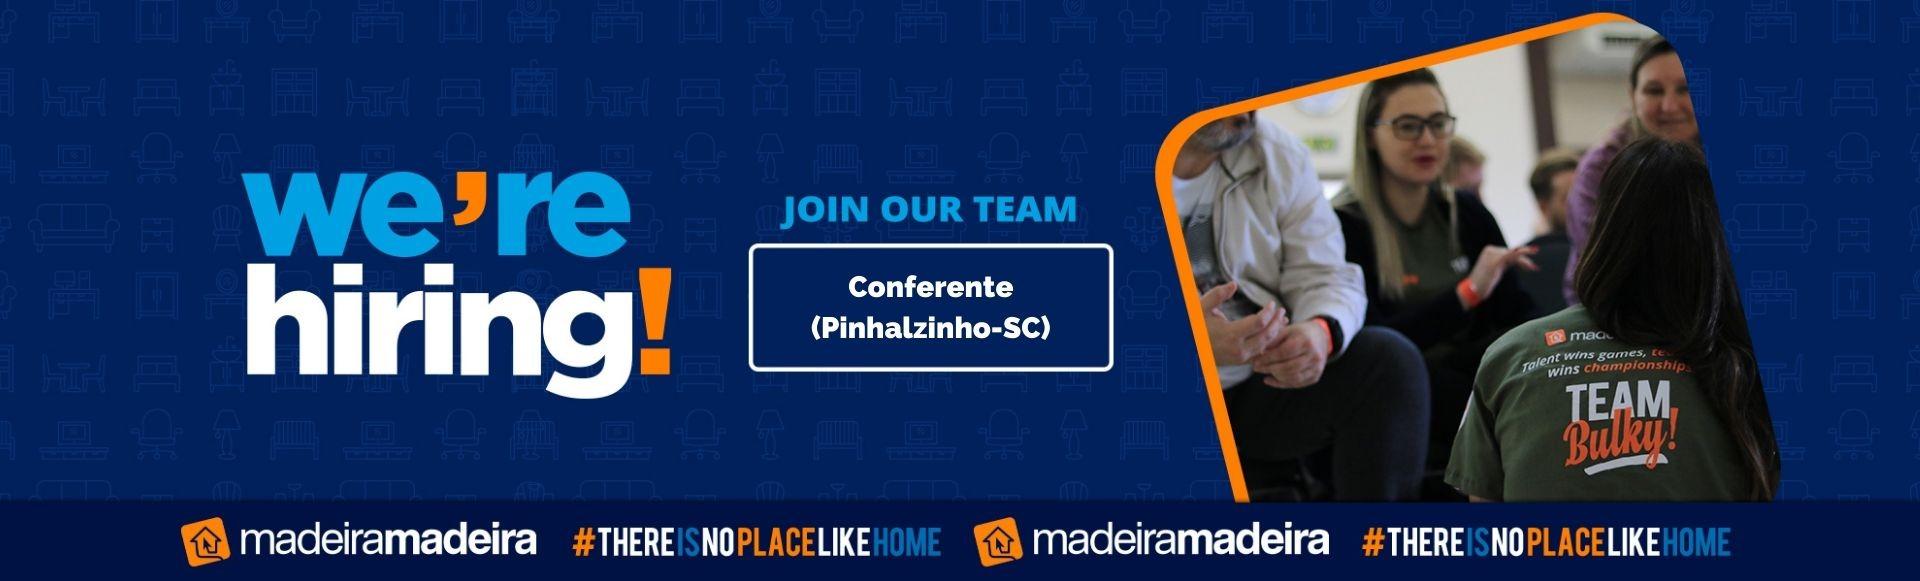 Conferente (Pinhalzinho-SC)